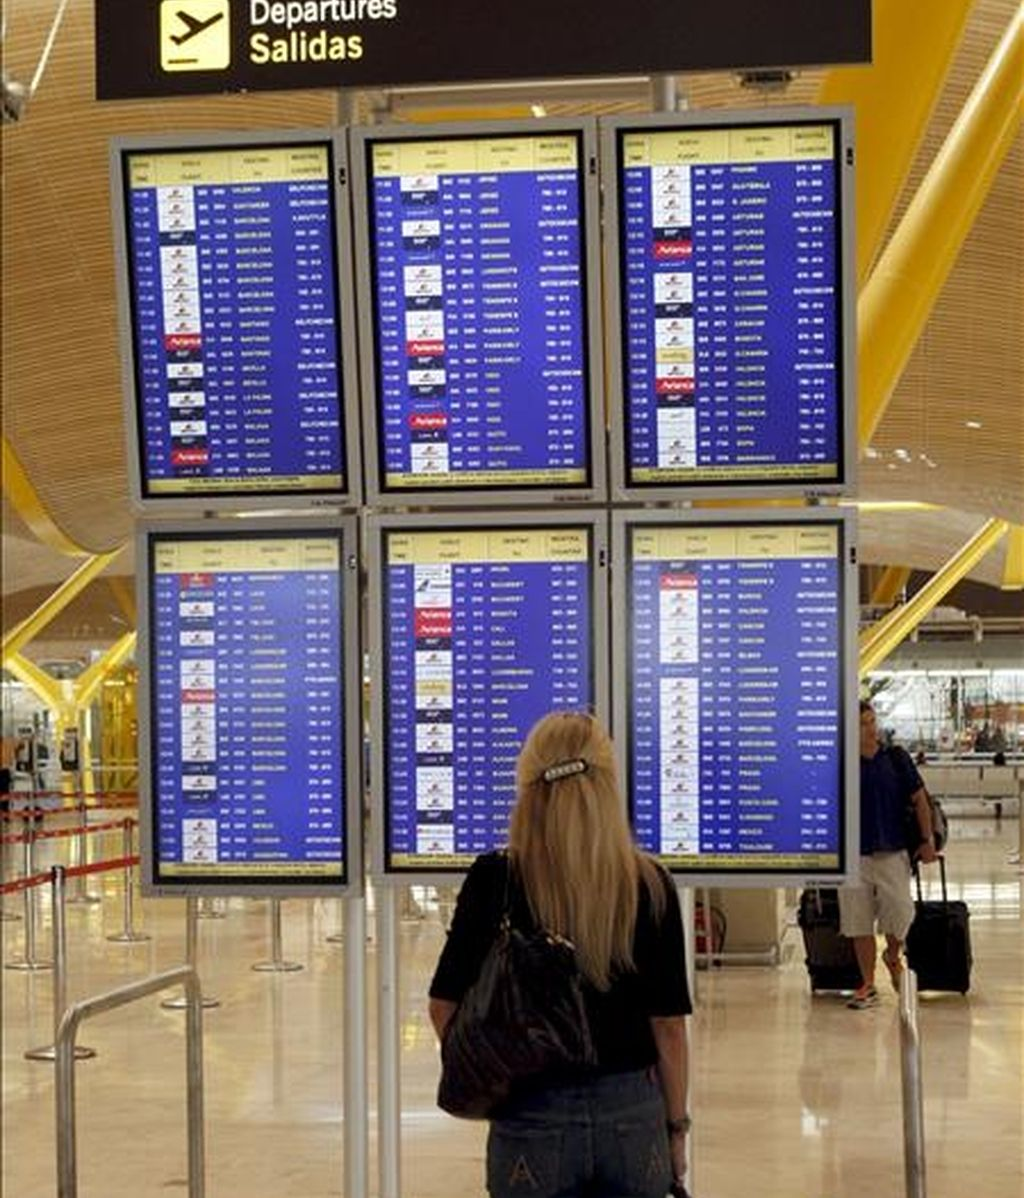 Una joven comprueba la salida de su vuelo en la T-4 de Barajas durante la jornada de paro de los tripulantes de cabina de Iberia en protesta por la falta de acuerdo con la empresa en la negociación del nuevo convenio colectivo. EFE